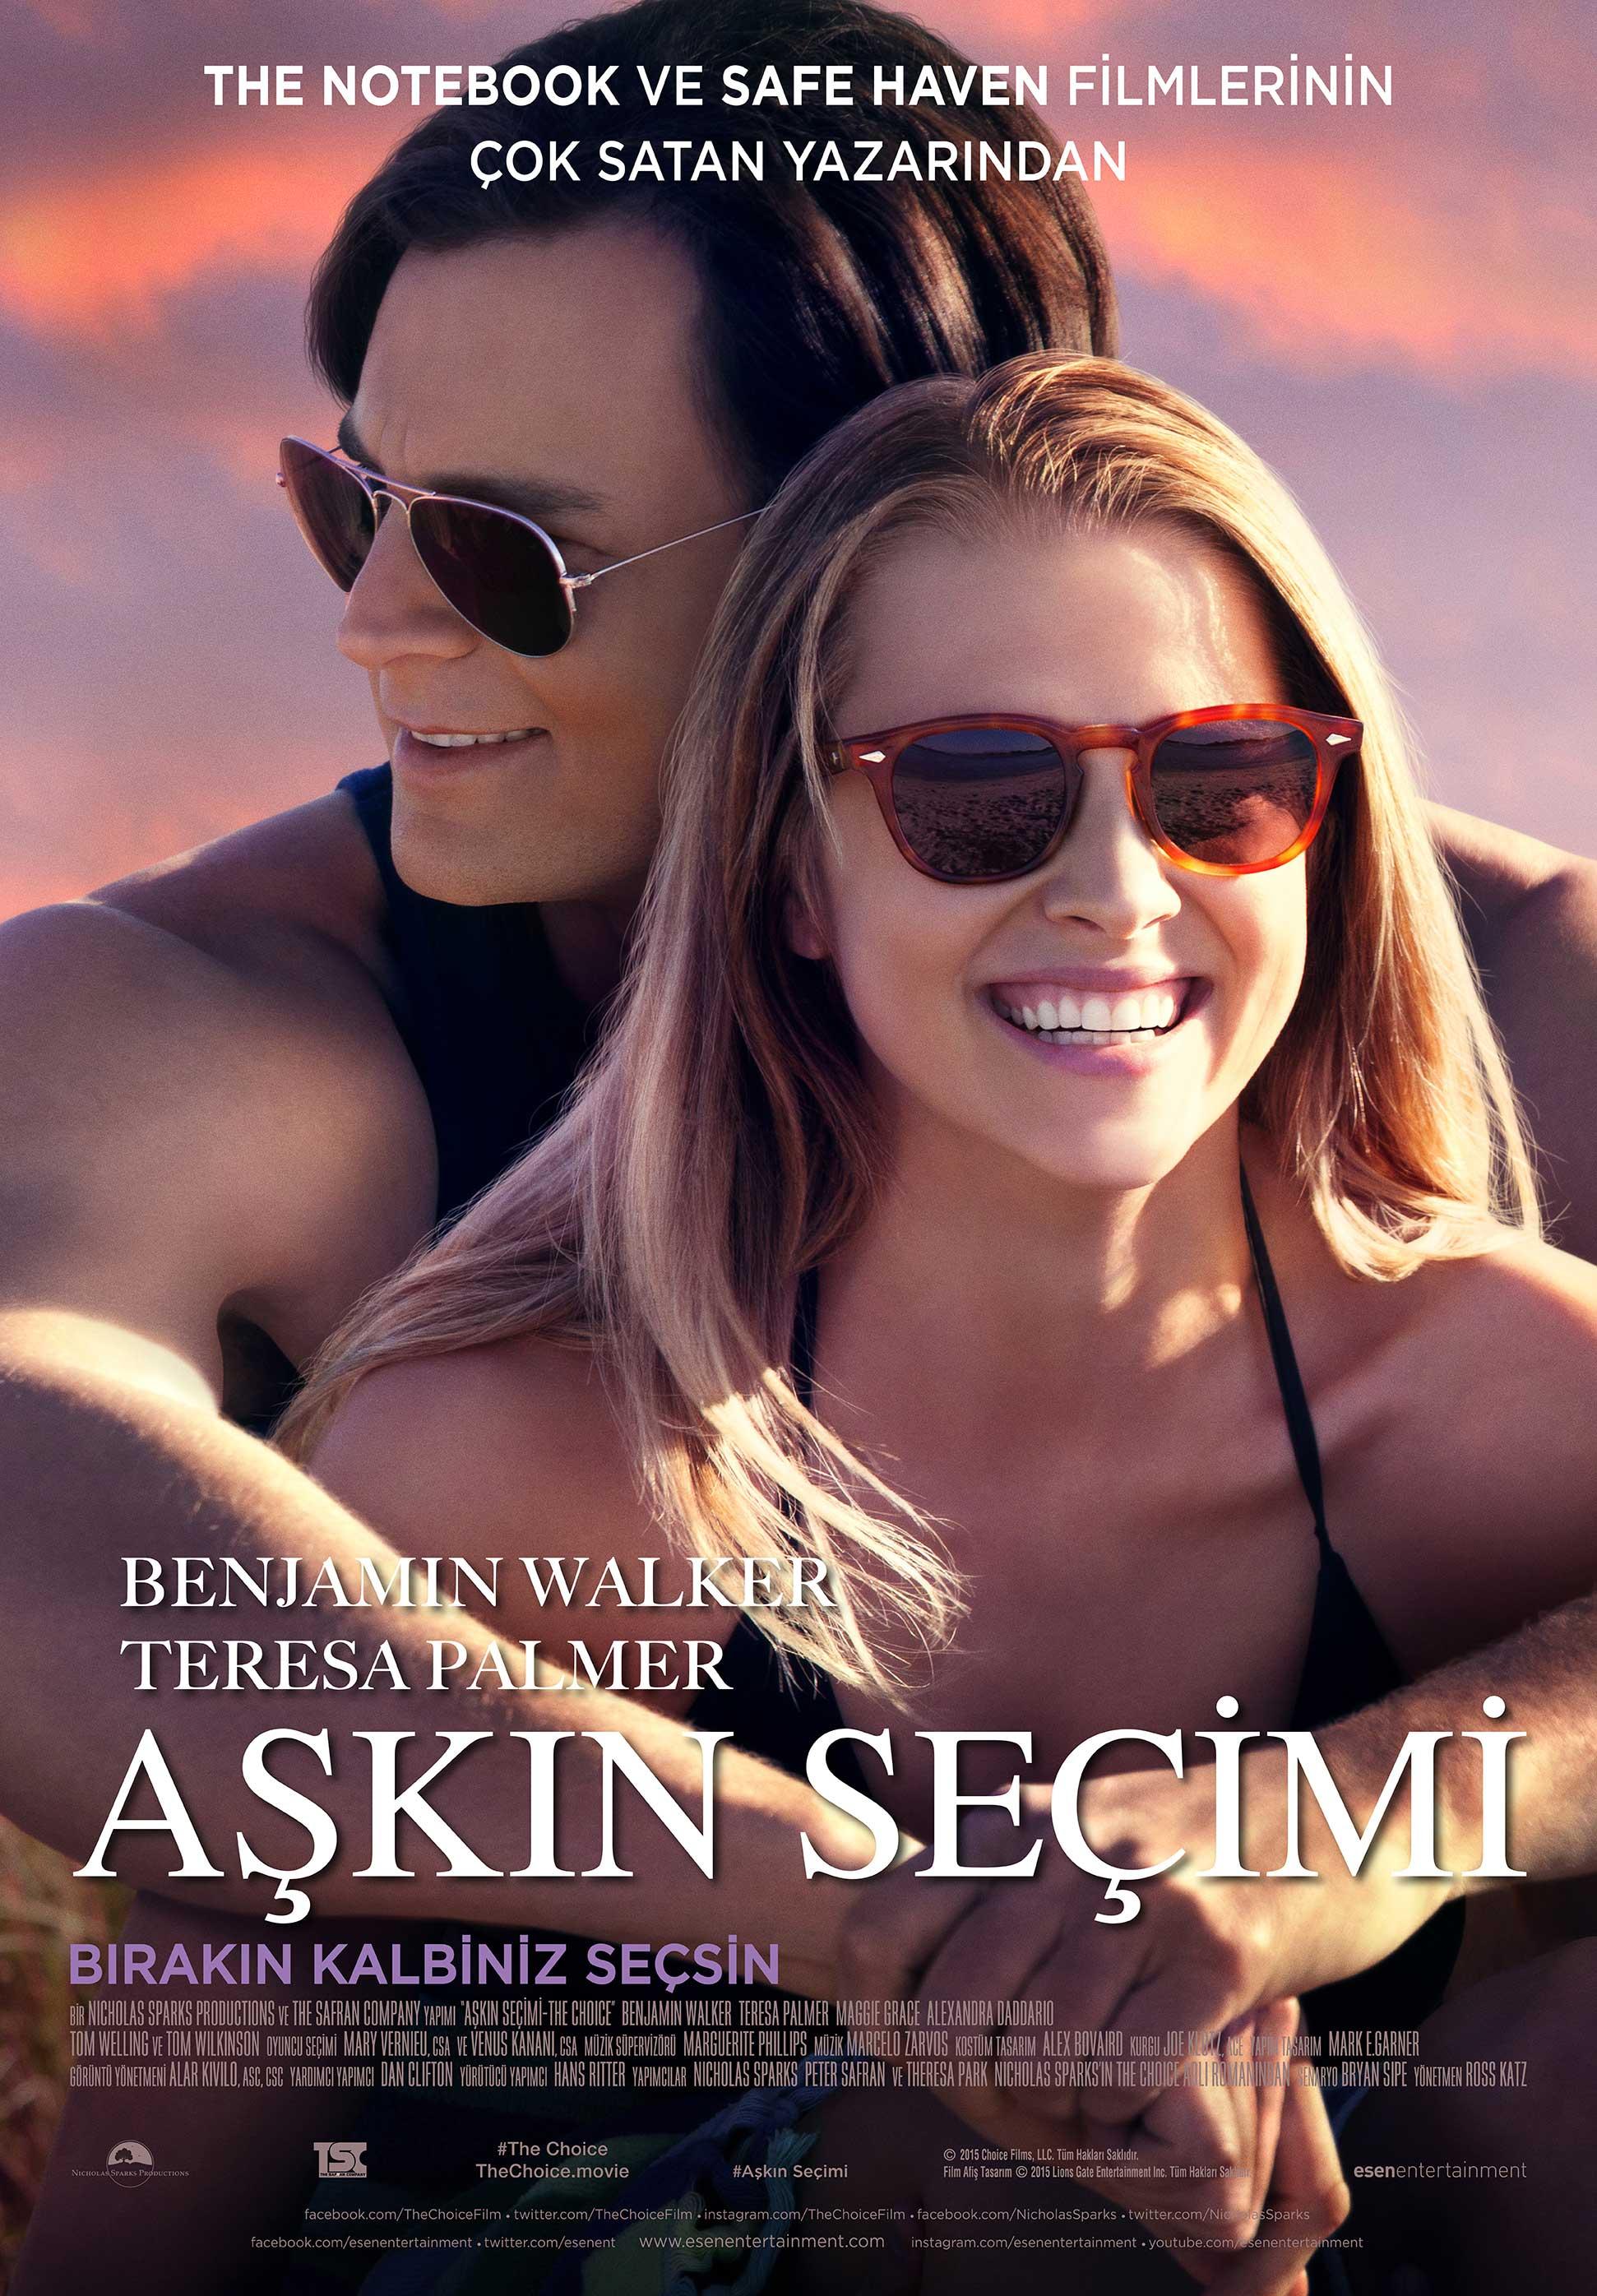 Aşkın Seçimi Filmi Için Benzer Filmler Beyazperdecom